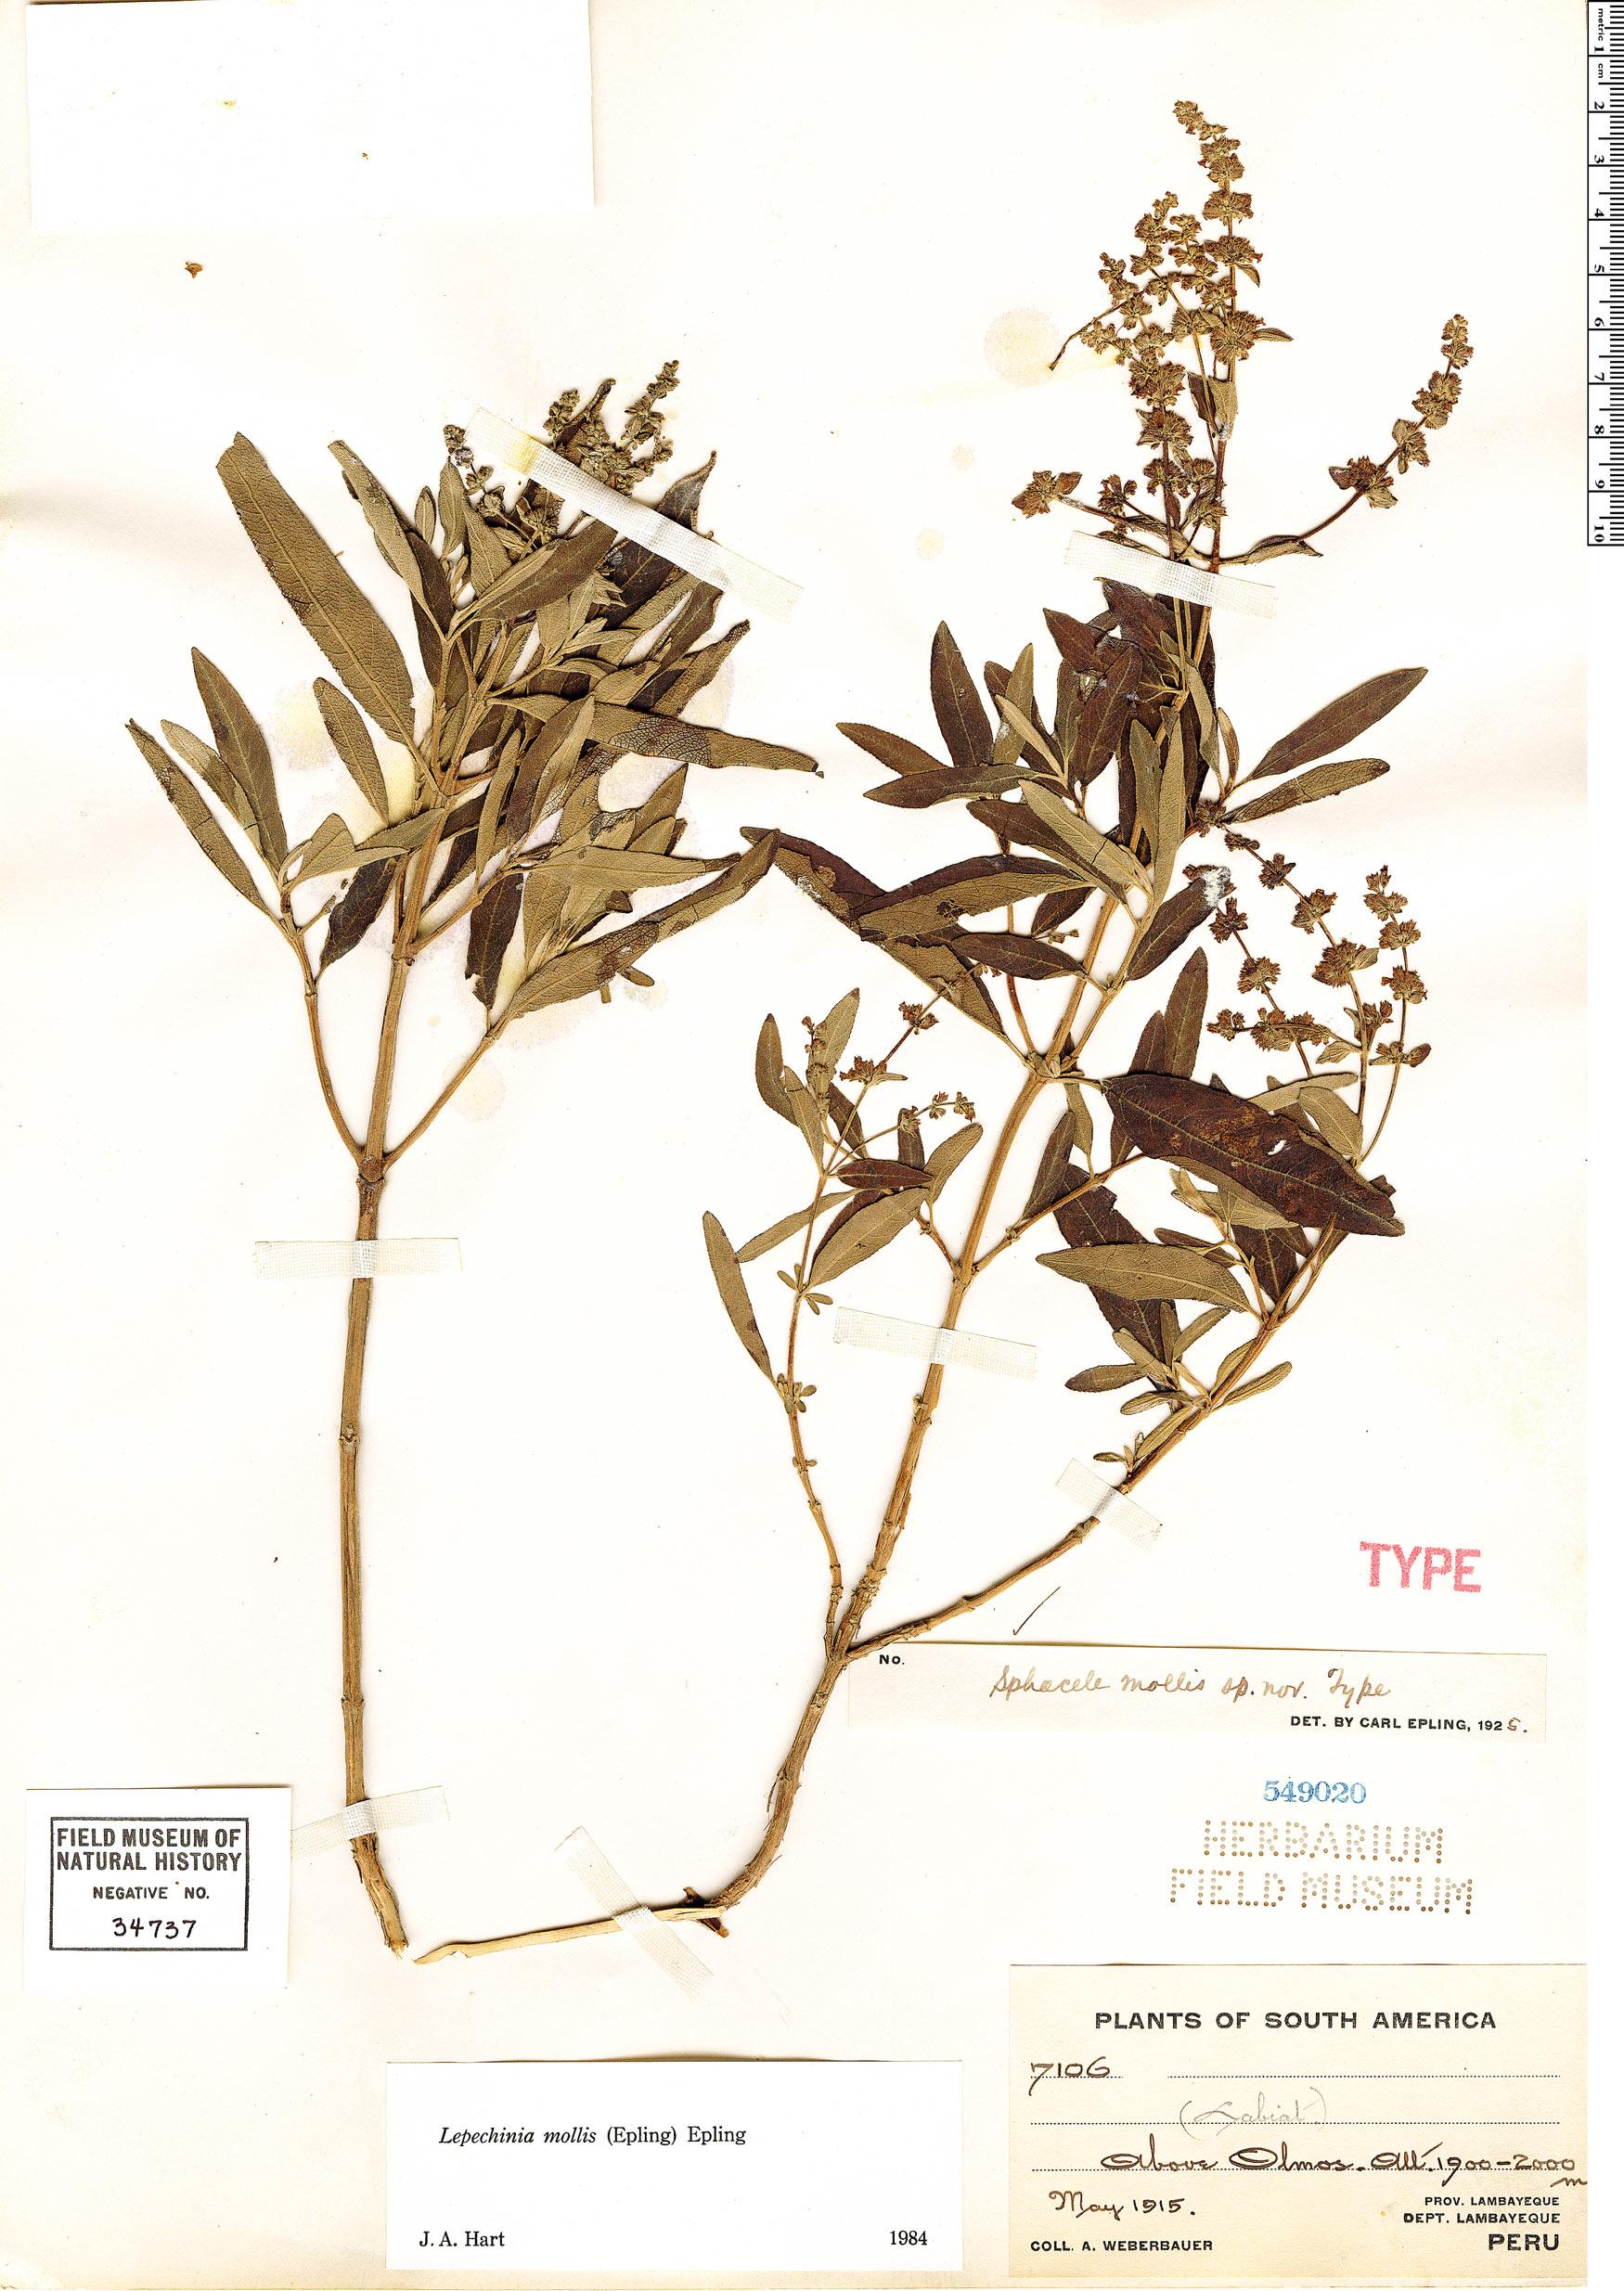 Specimen: Lepechinia mollis